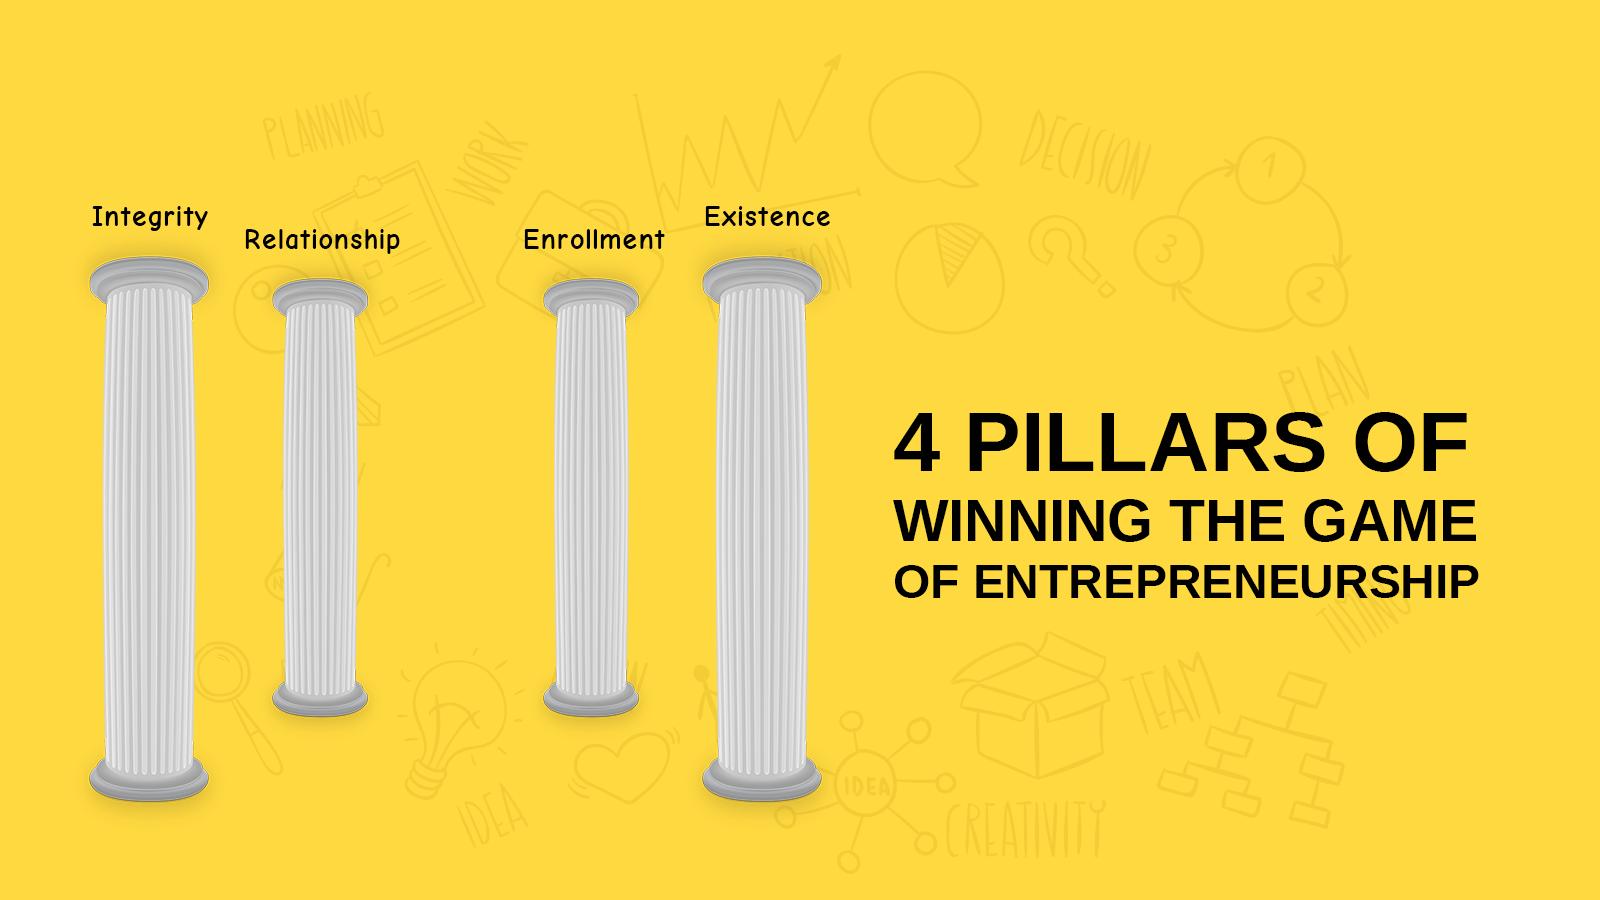 4 Pillars of winning the game of Entrepreneurship